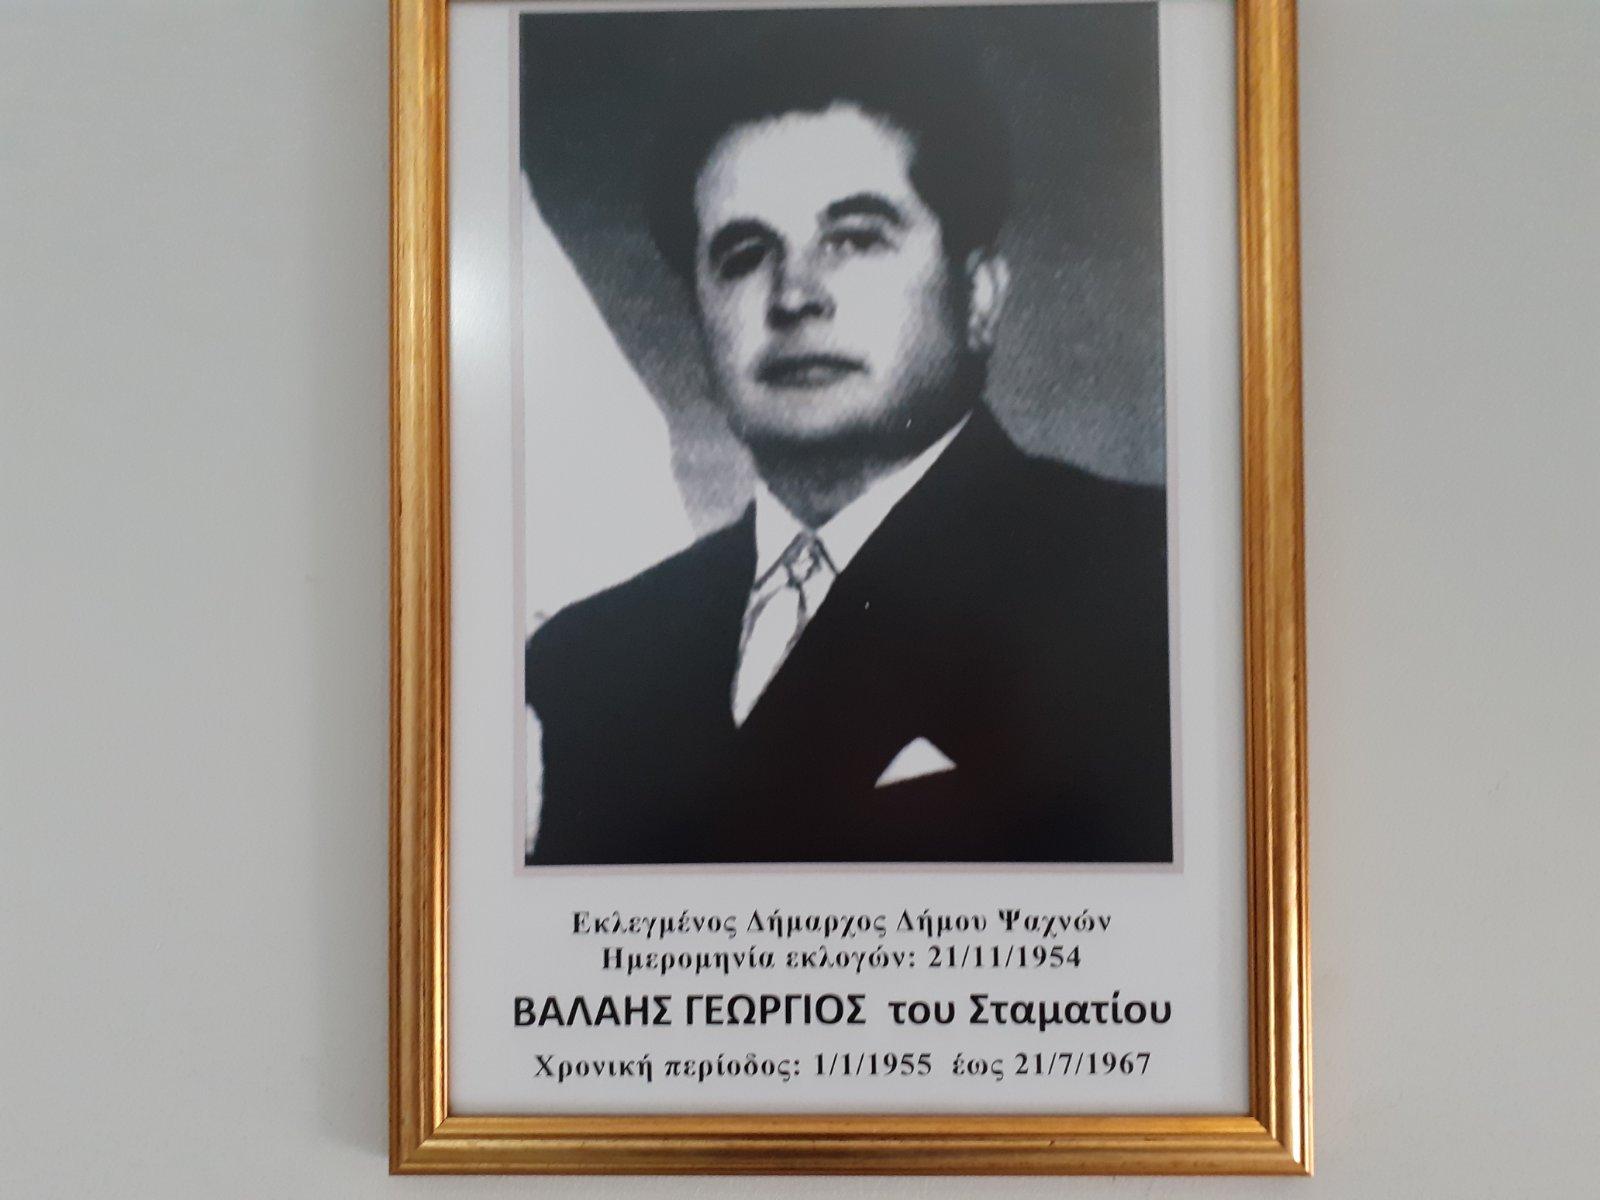 Κάδρα με φωτογραφίες όλων των Δημάρχων από το 1949 μέχρι και το 2014 τοποθέτησε ο Δήμαρχος Γιώργος Ψαθάς στις σκάλες του Δημαρχείου (φωτογραφίες) 55